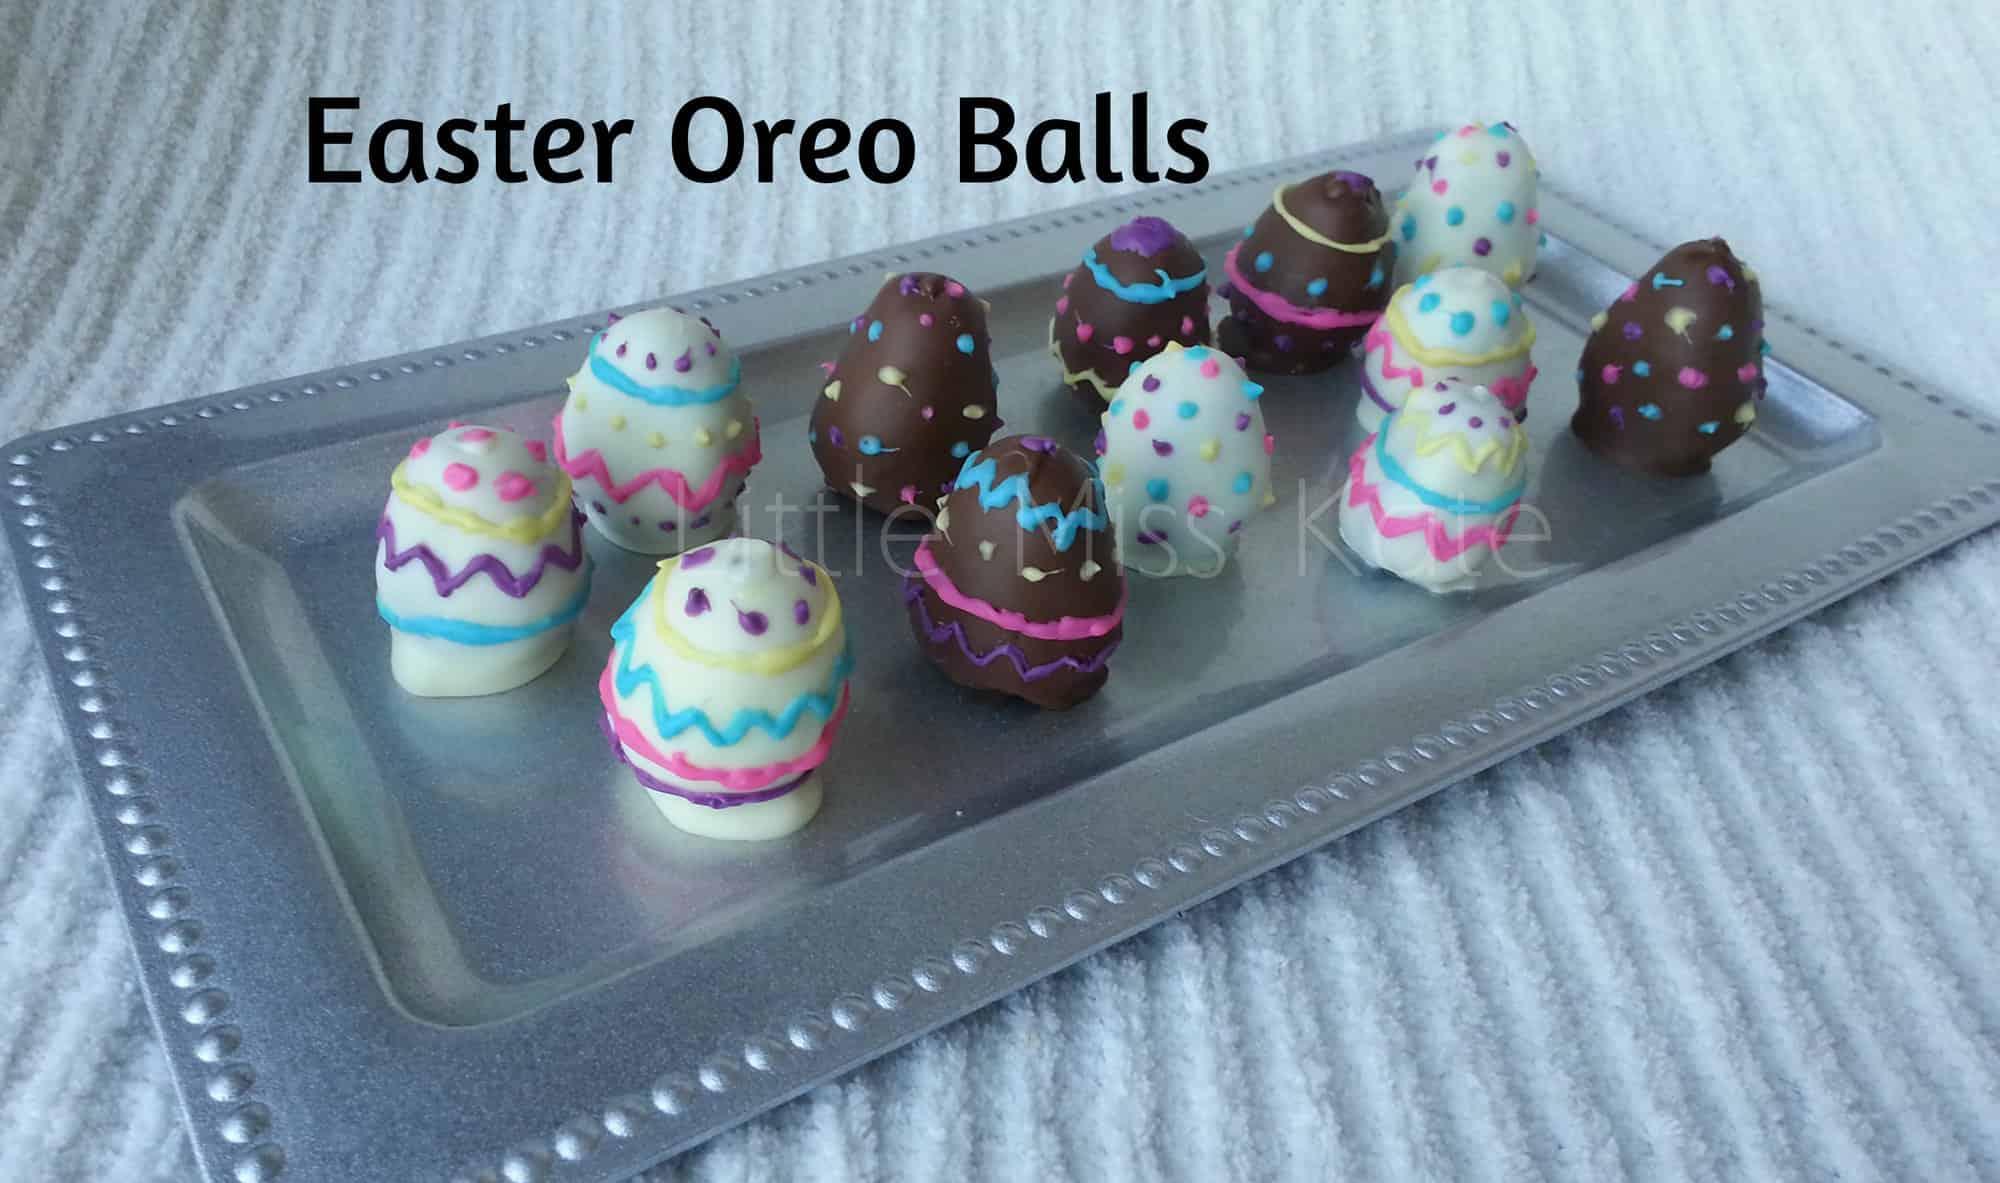 Easter Oreo Balls - Easter Dessert Idea via Little Miss kate